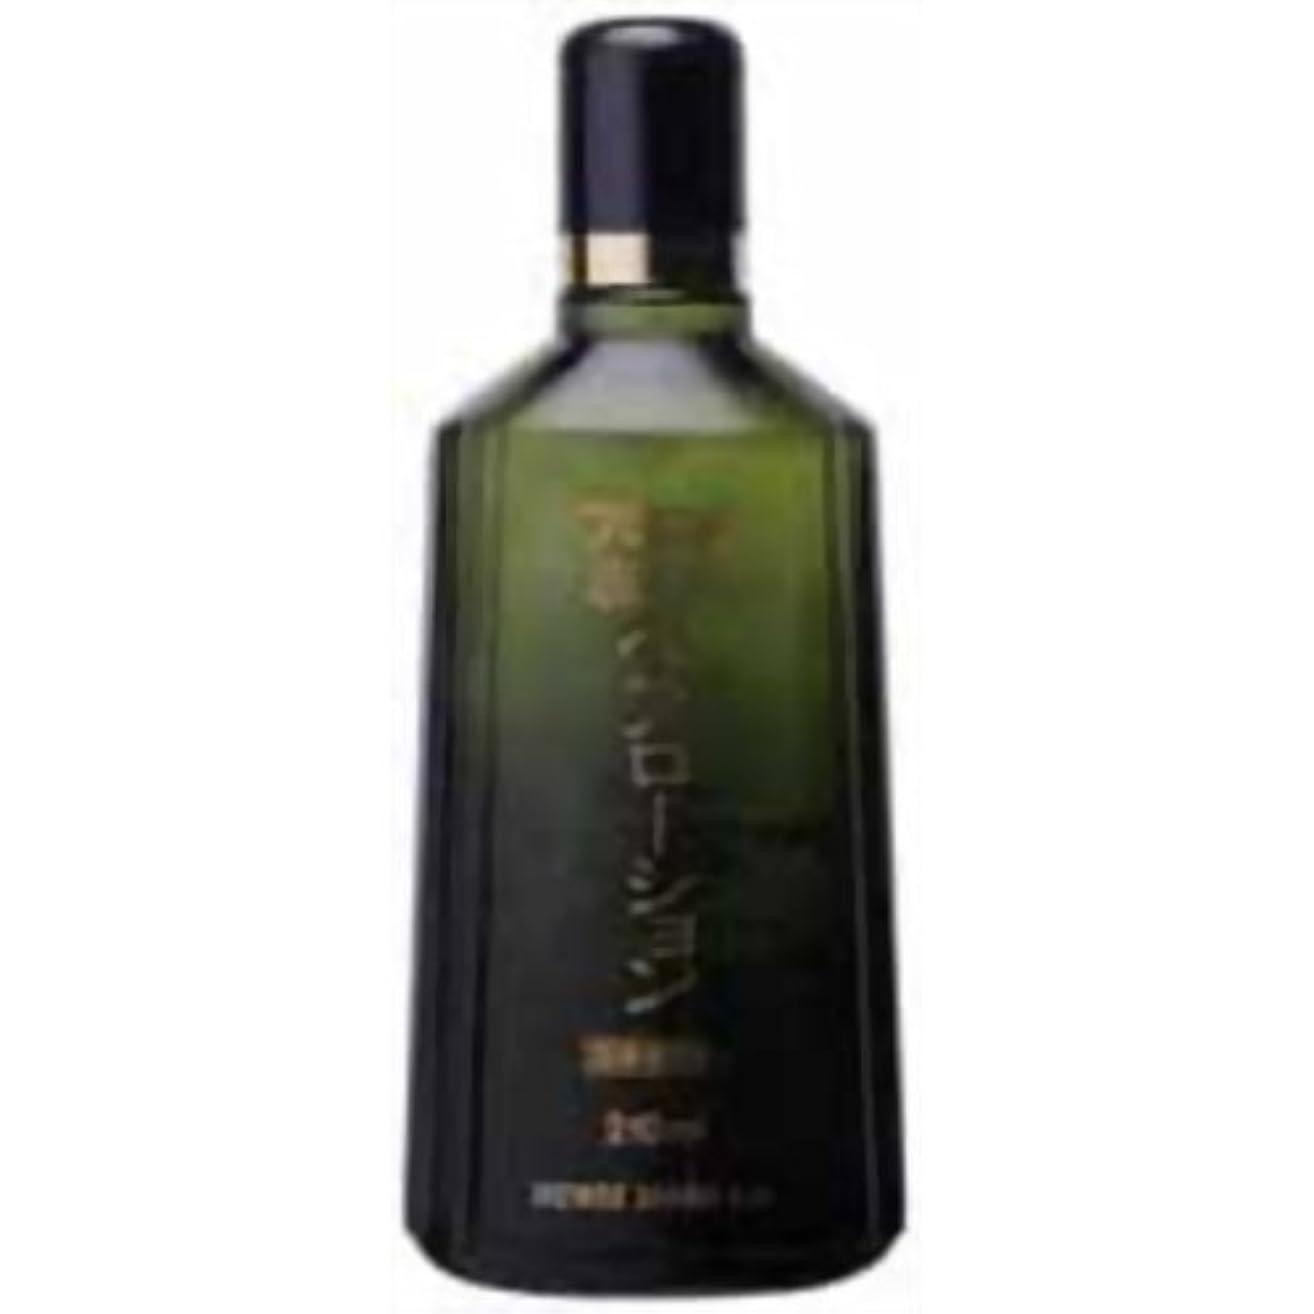 化粧アルミニウムゴールデンニューウェイジャパン パイウェイ 薬用ヘアローション210ml(医薬部外品)